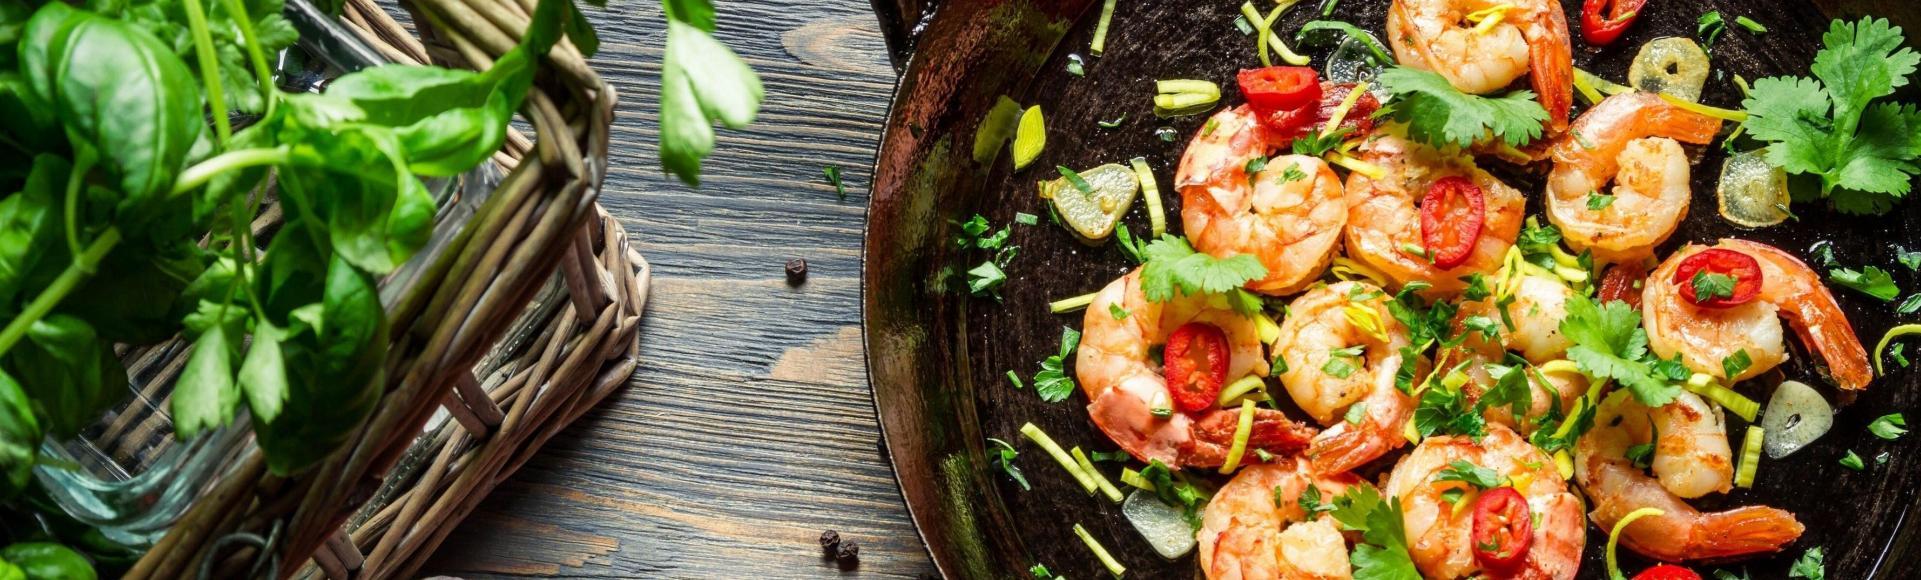 рецепты полезной здоровой еды